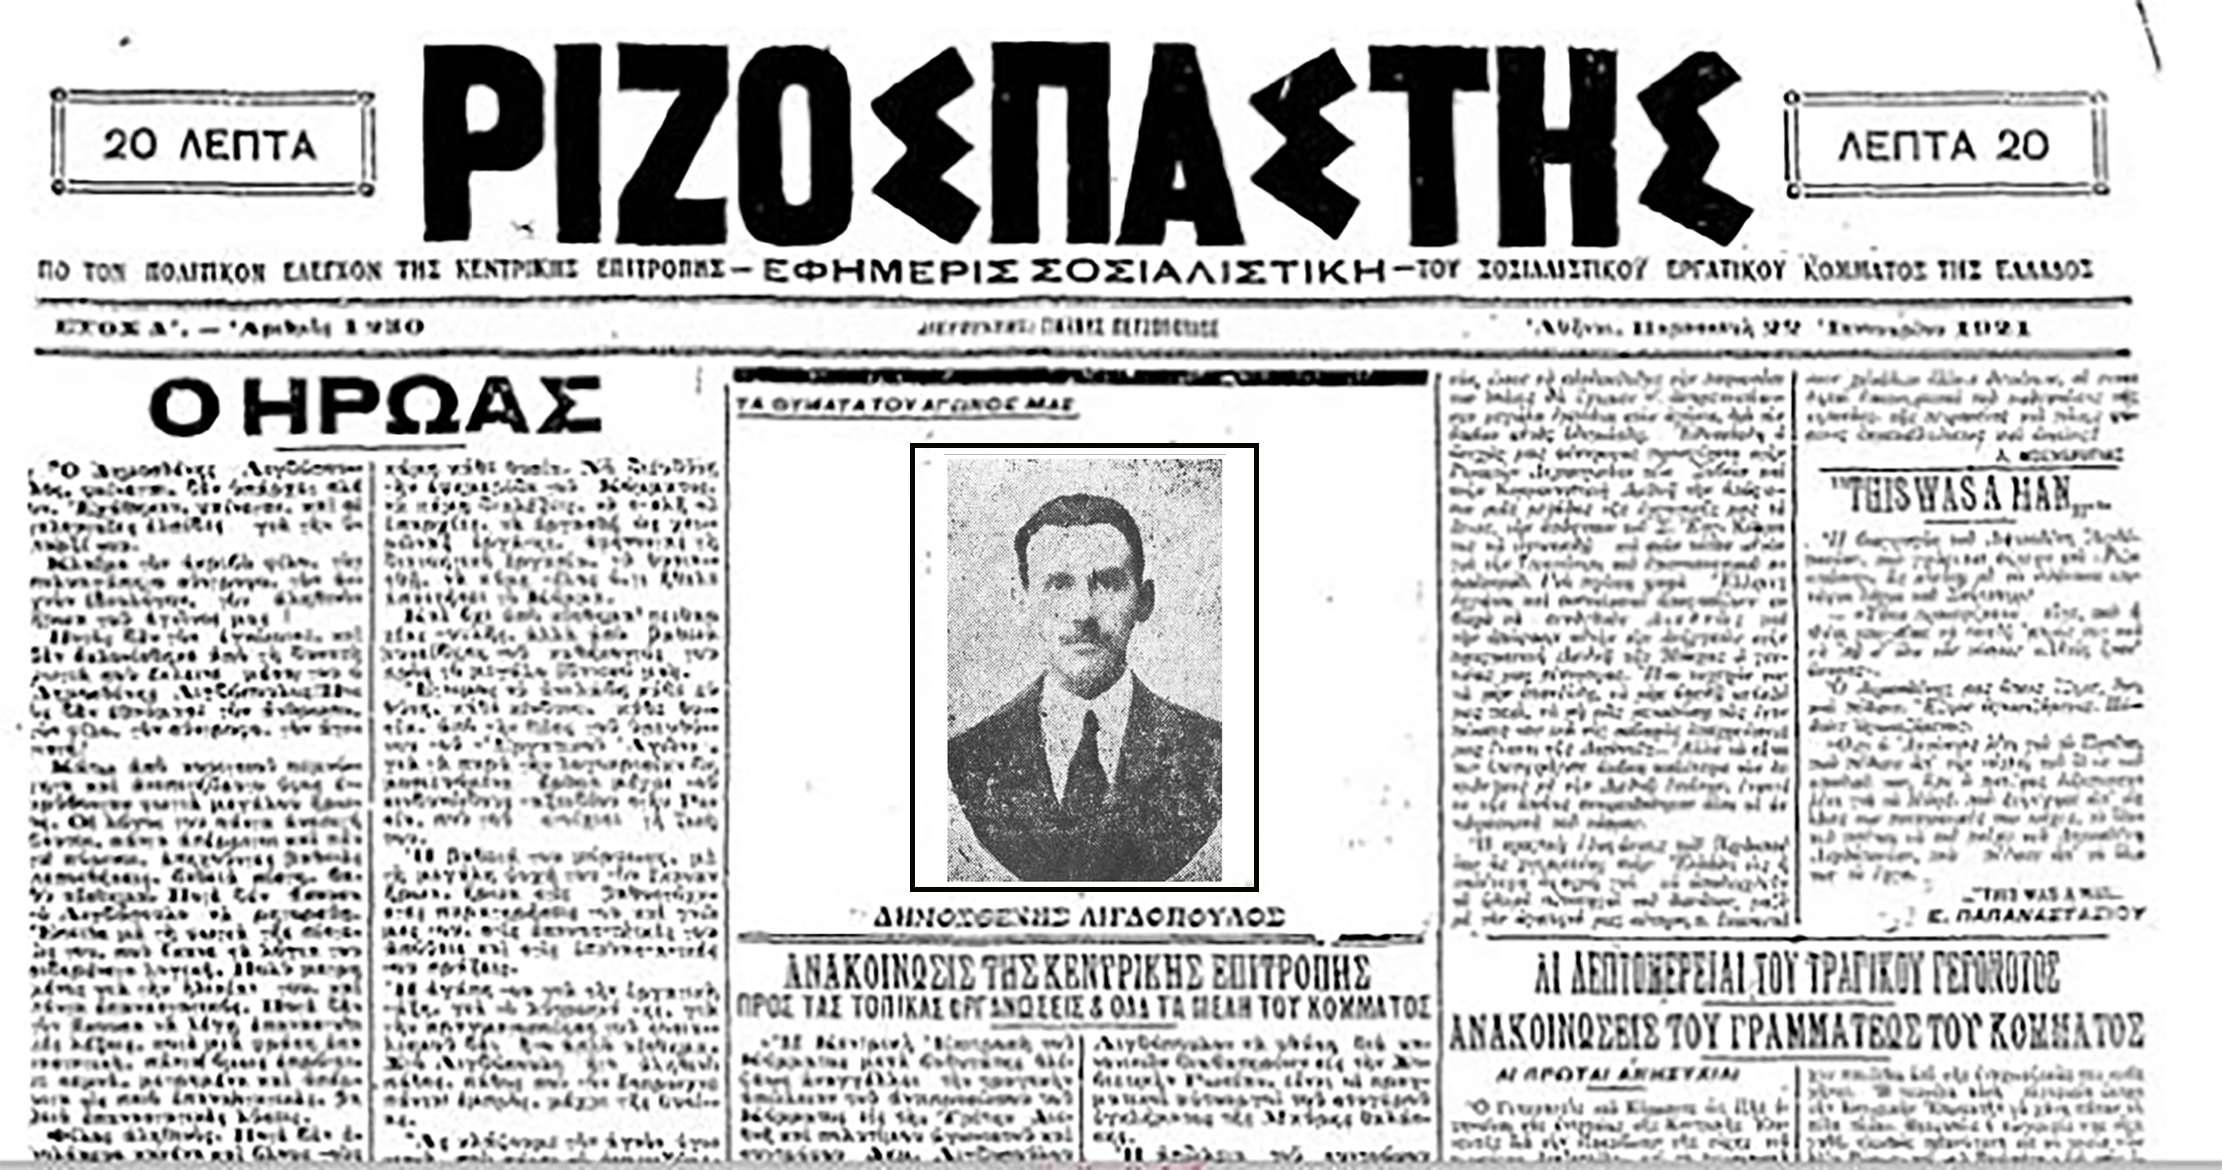 Δημοσθένης Λιγδόπουλος Ριζοσπάστης